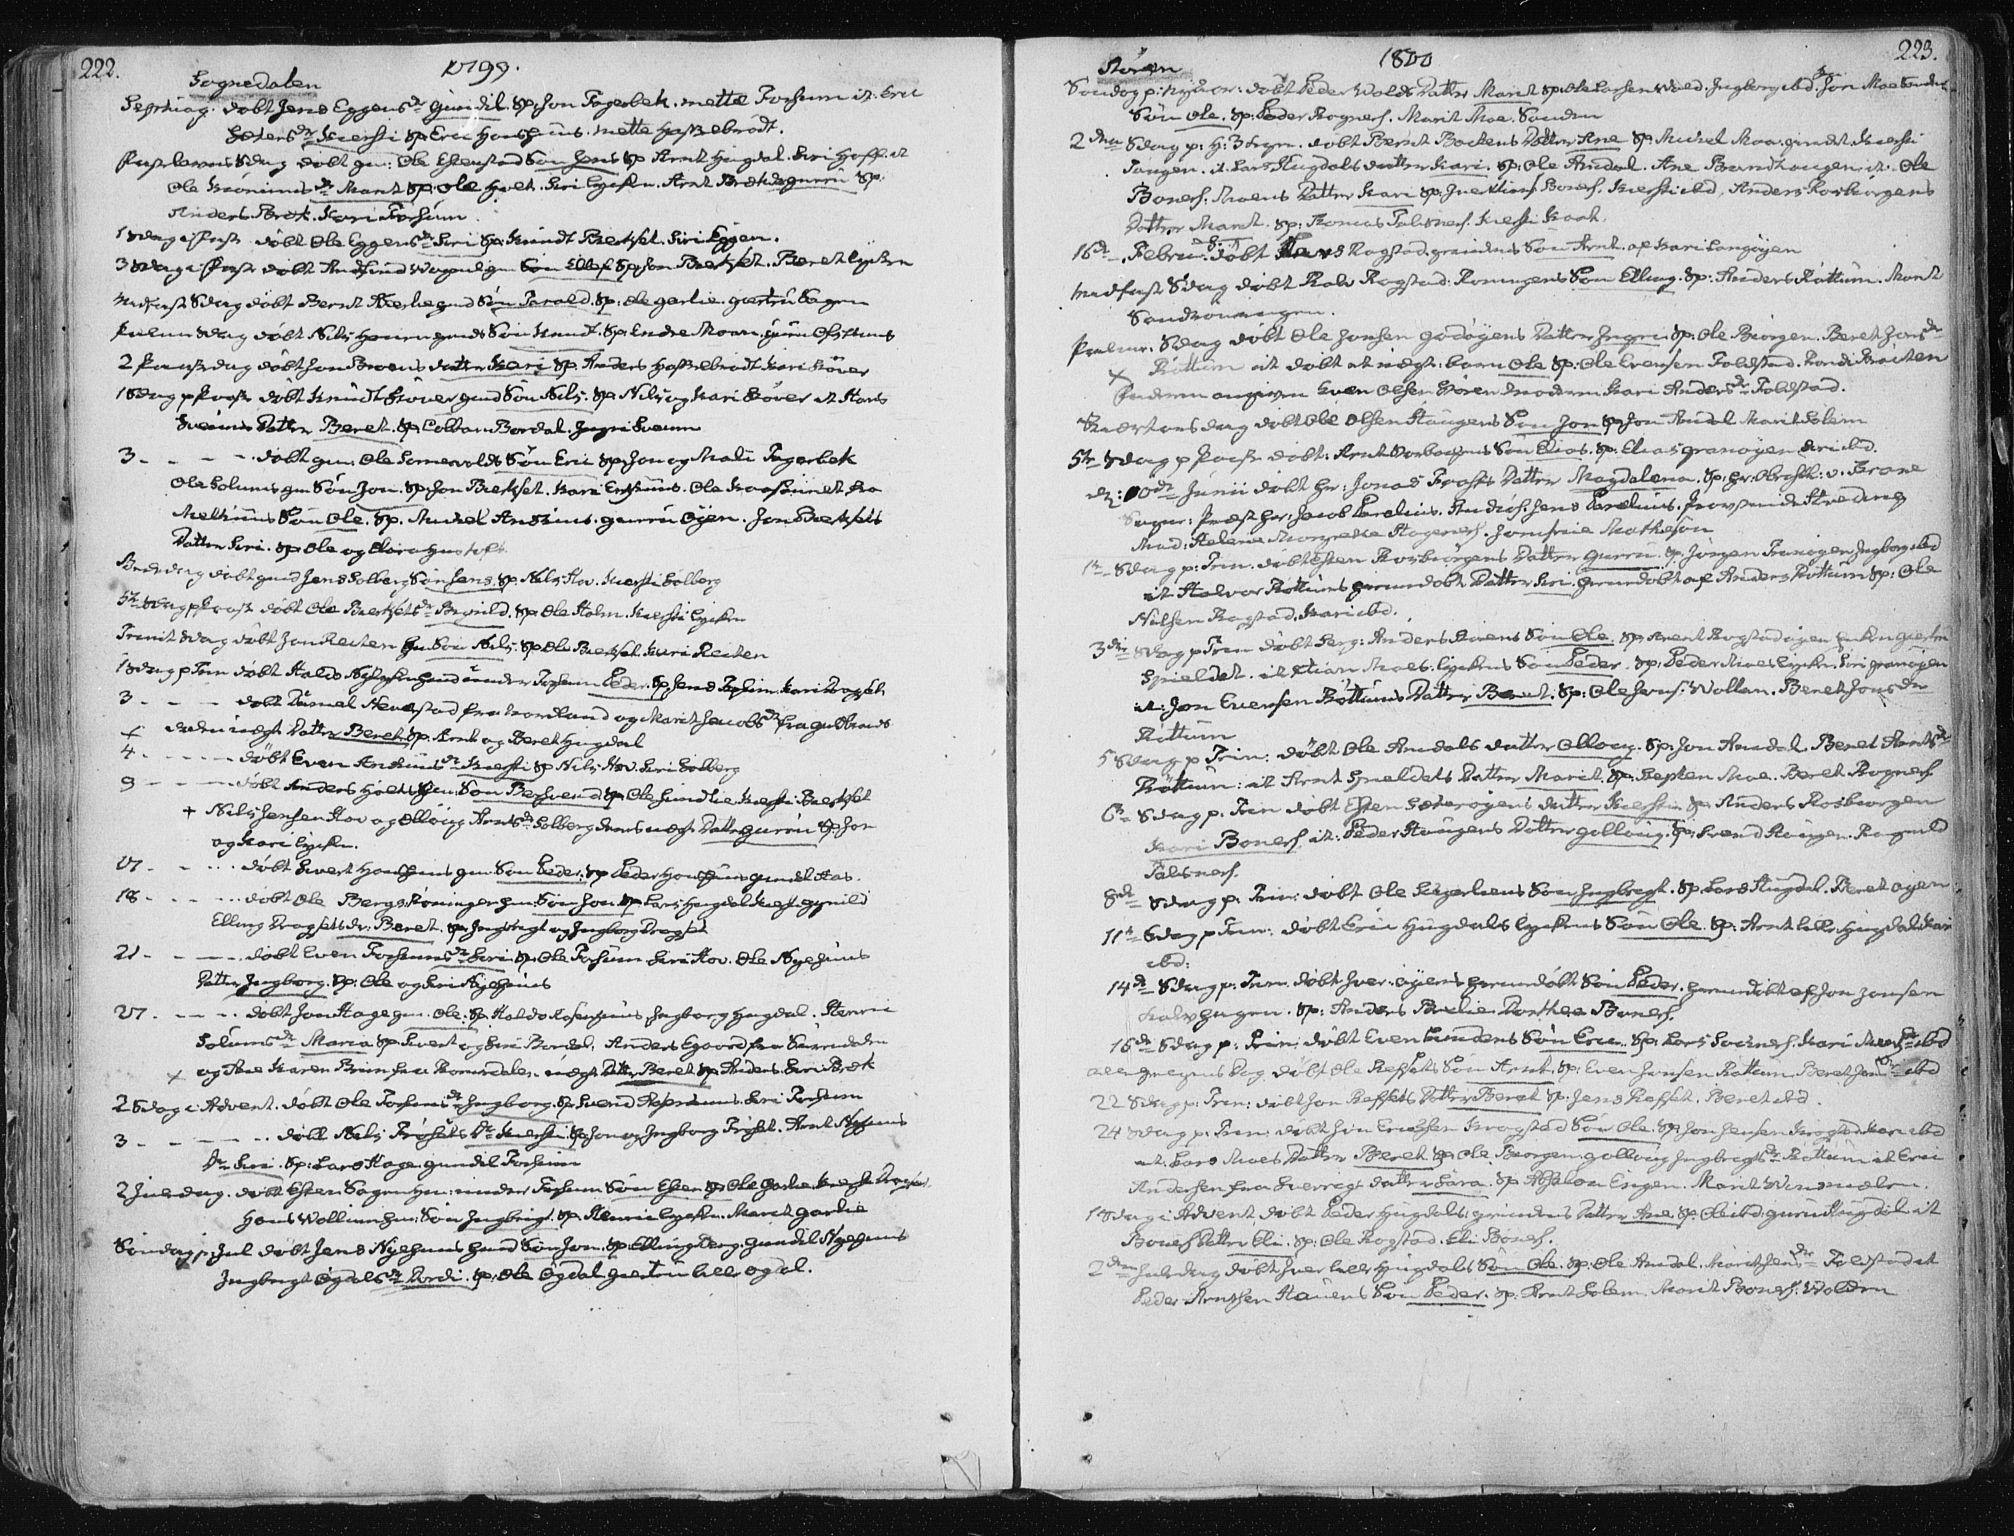 SAT, Ministerialprotokoller, klokkerbøker og fødselsregistre - Sør-Trøndelag, 687/L0992: Ministerialbok nr. 687A03 /1, 1788-1815, s. 222-223